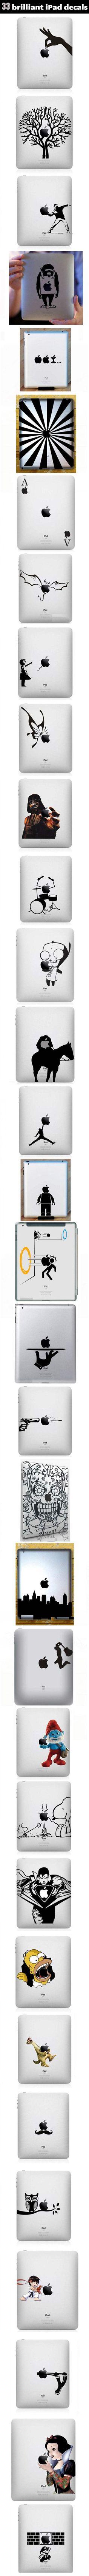 Creative iPad decals.